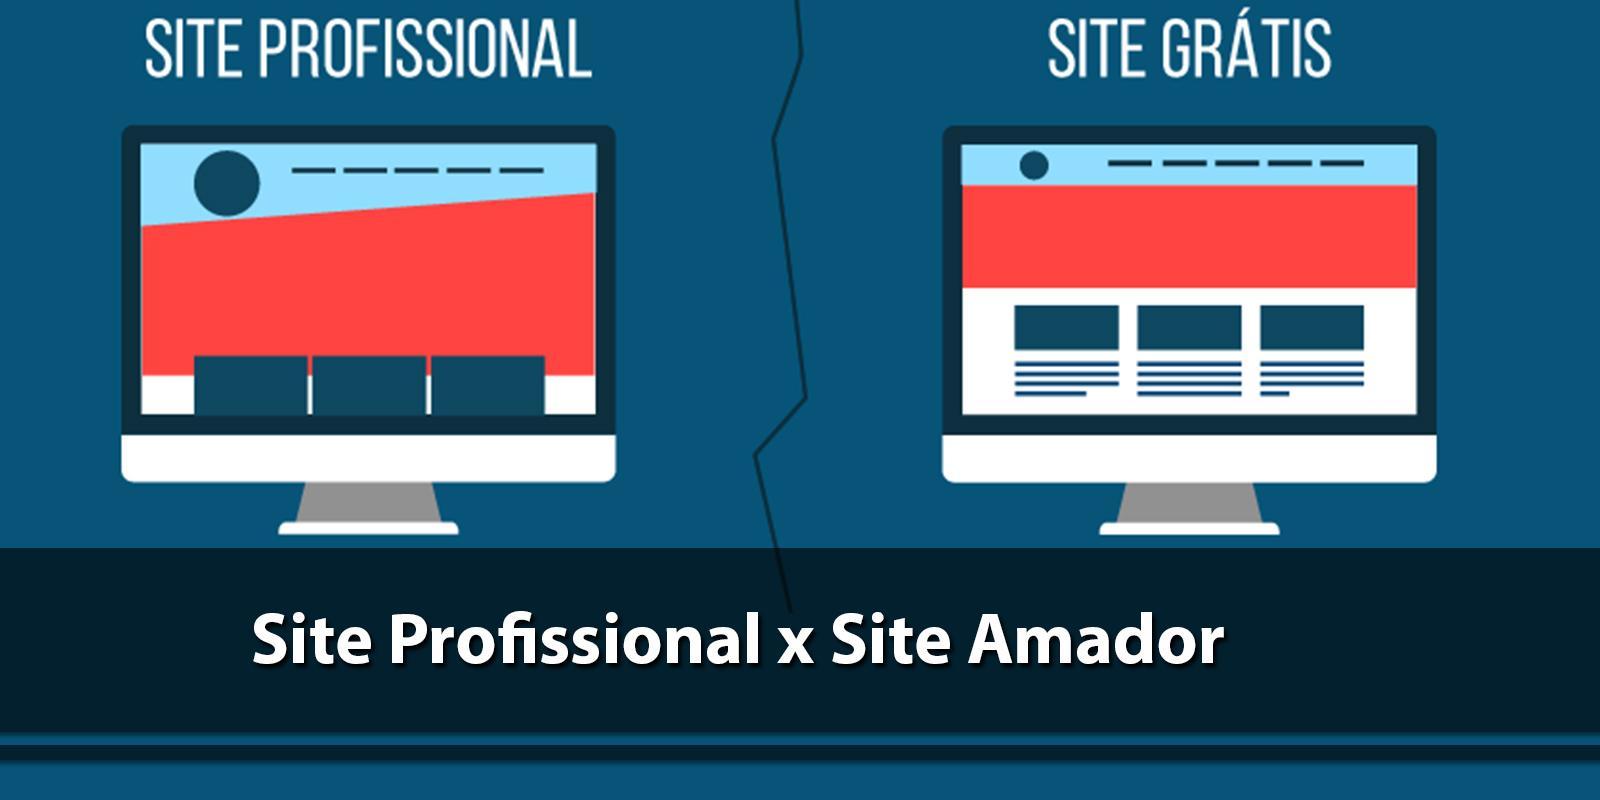 Você sabe dizer qual a diferença entre site profissional para um amador? Nós te ajudamos!